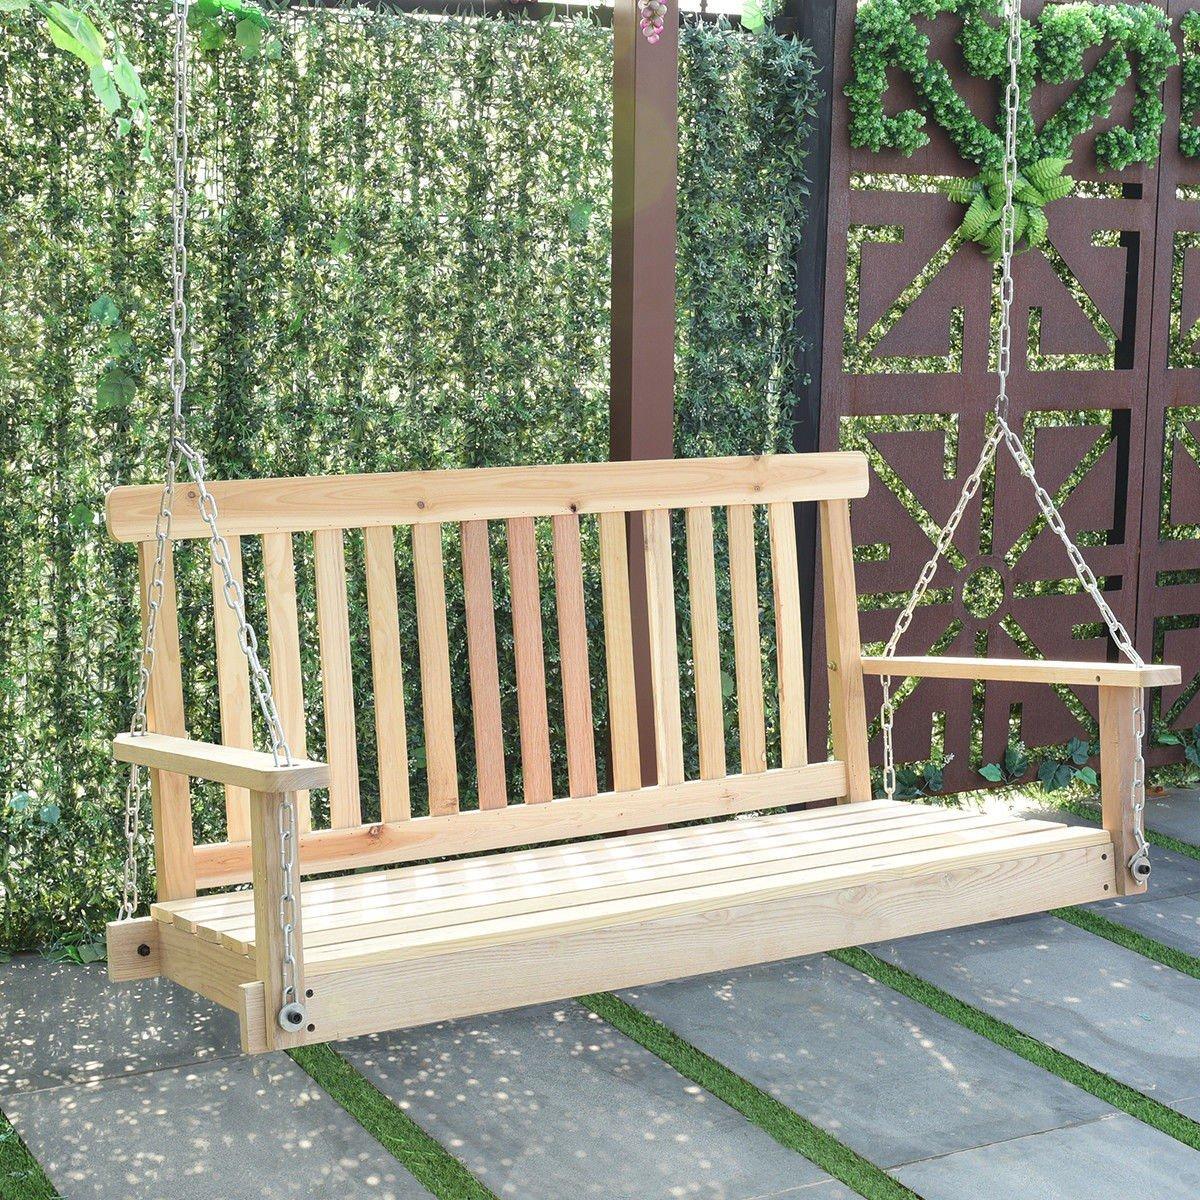 4 madera jardín colgante cadenas de asiento porche columpio con libro electrónico: Amazon.es: Jardín